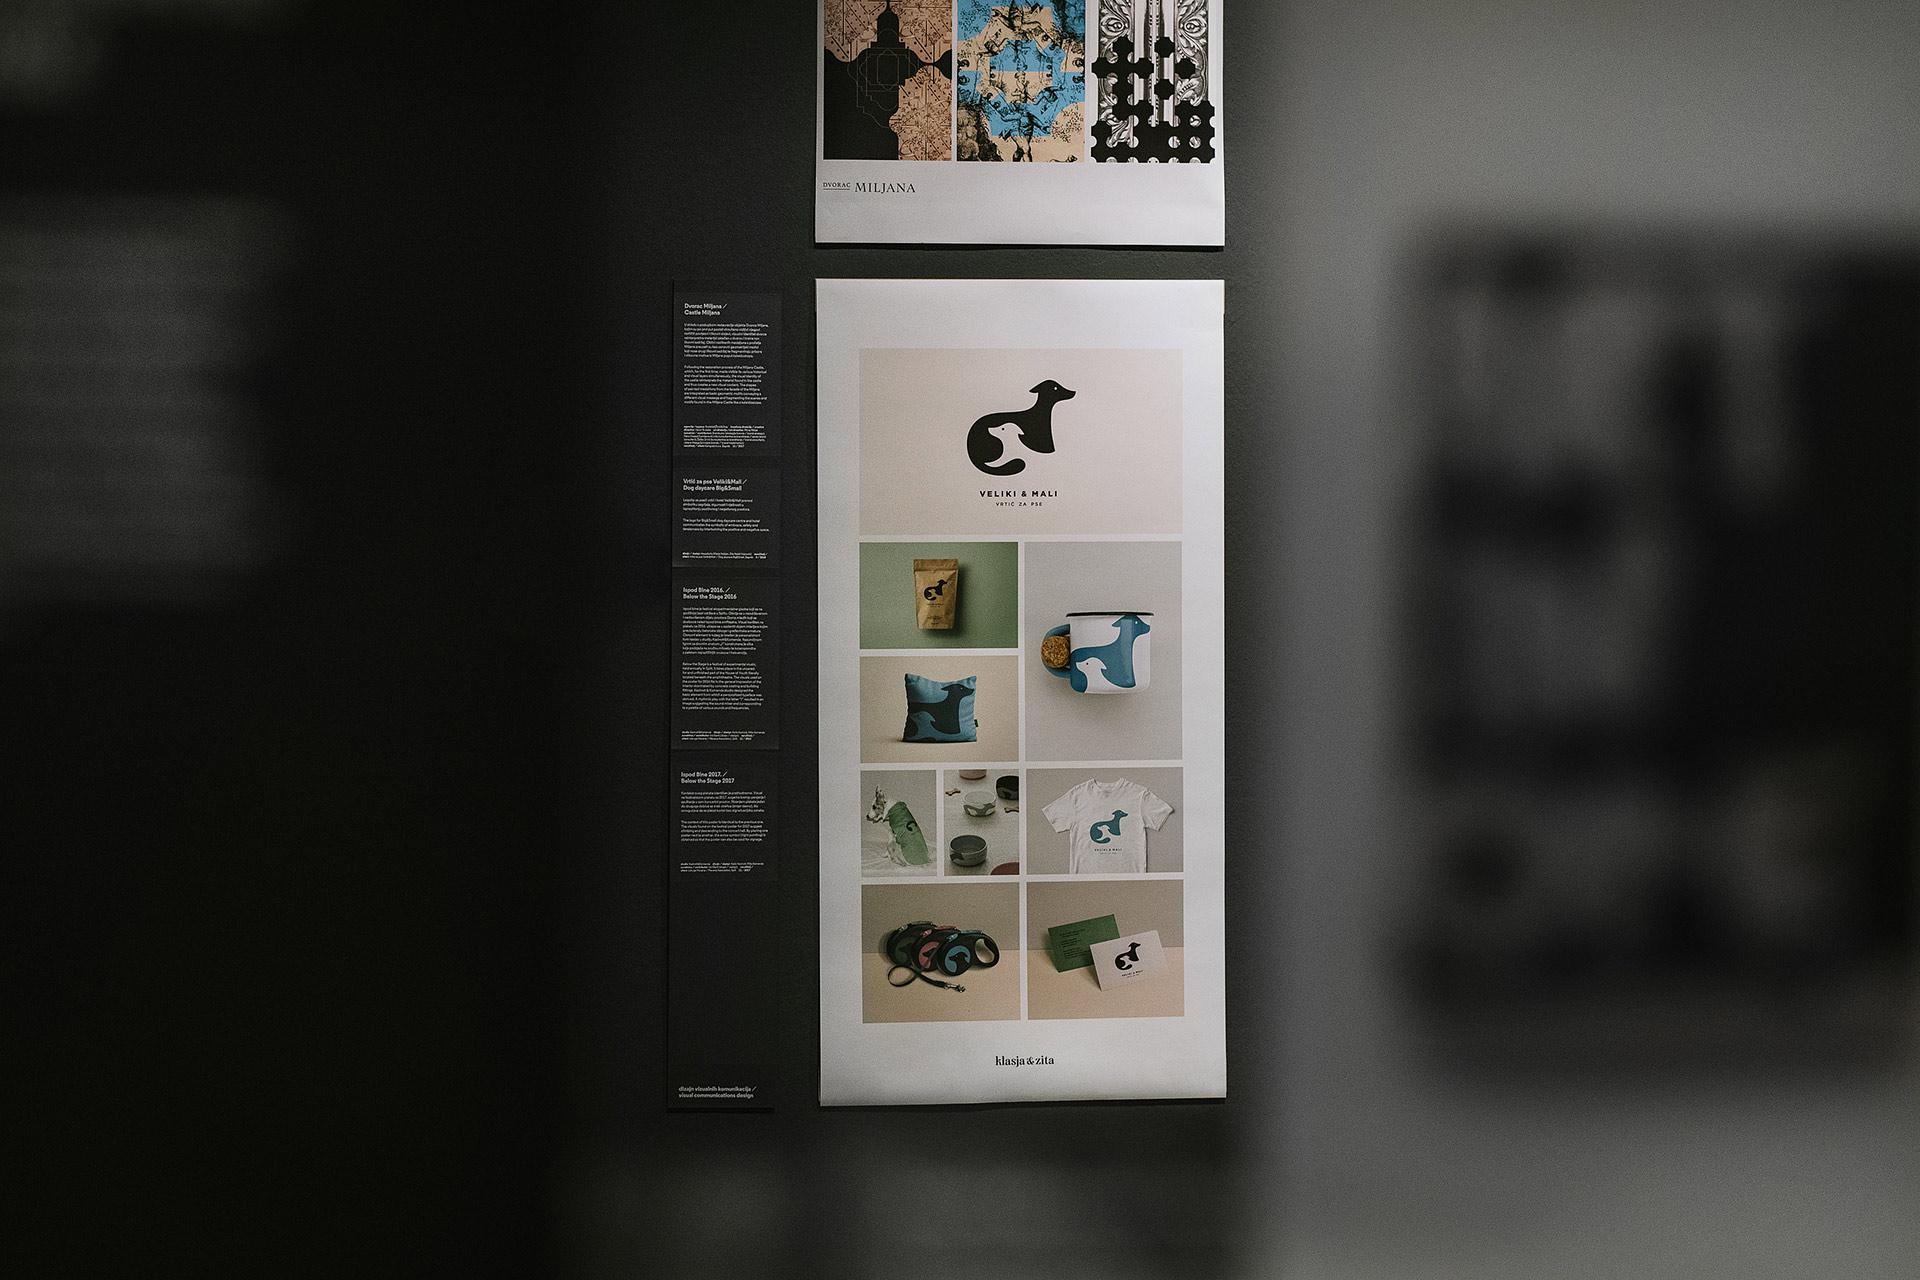 Bigandsmall_exhibition_3